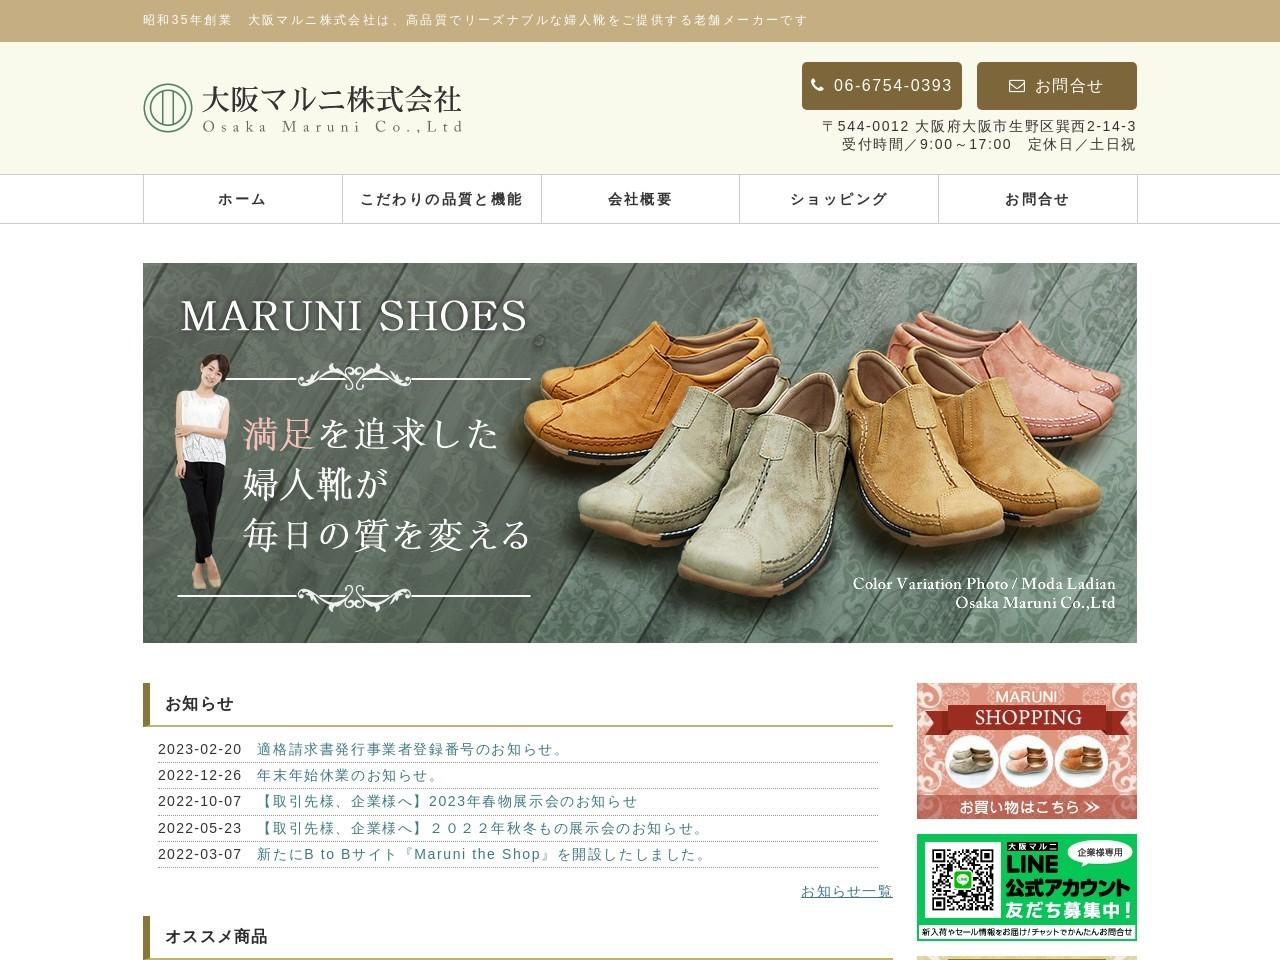 ミセス向け婦人靴の大阪マルニ株式会社 | 昭和35年創業 歩きやすい履きやすい疲れない婦人靴を提供する靴メーカーです